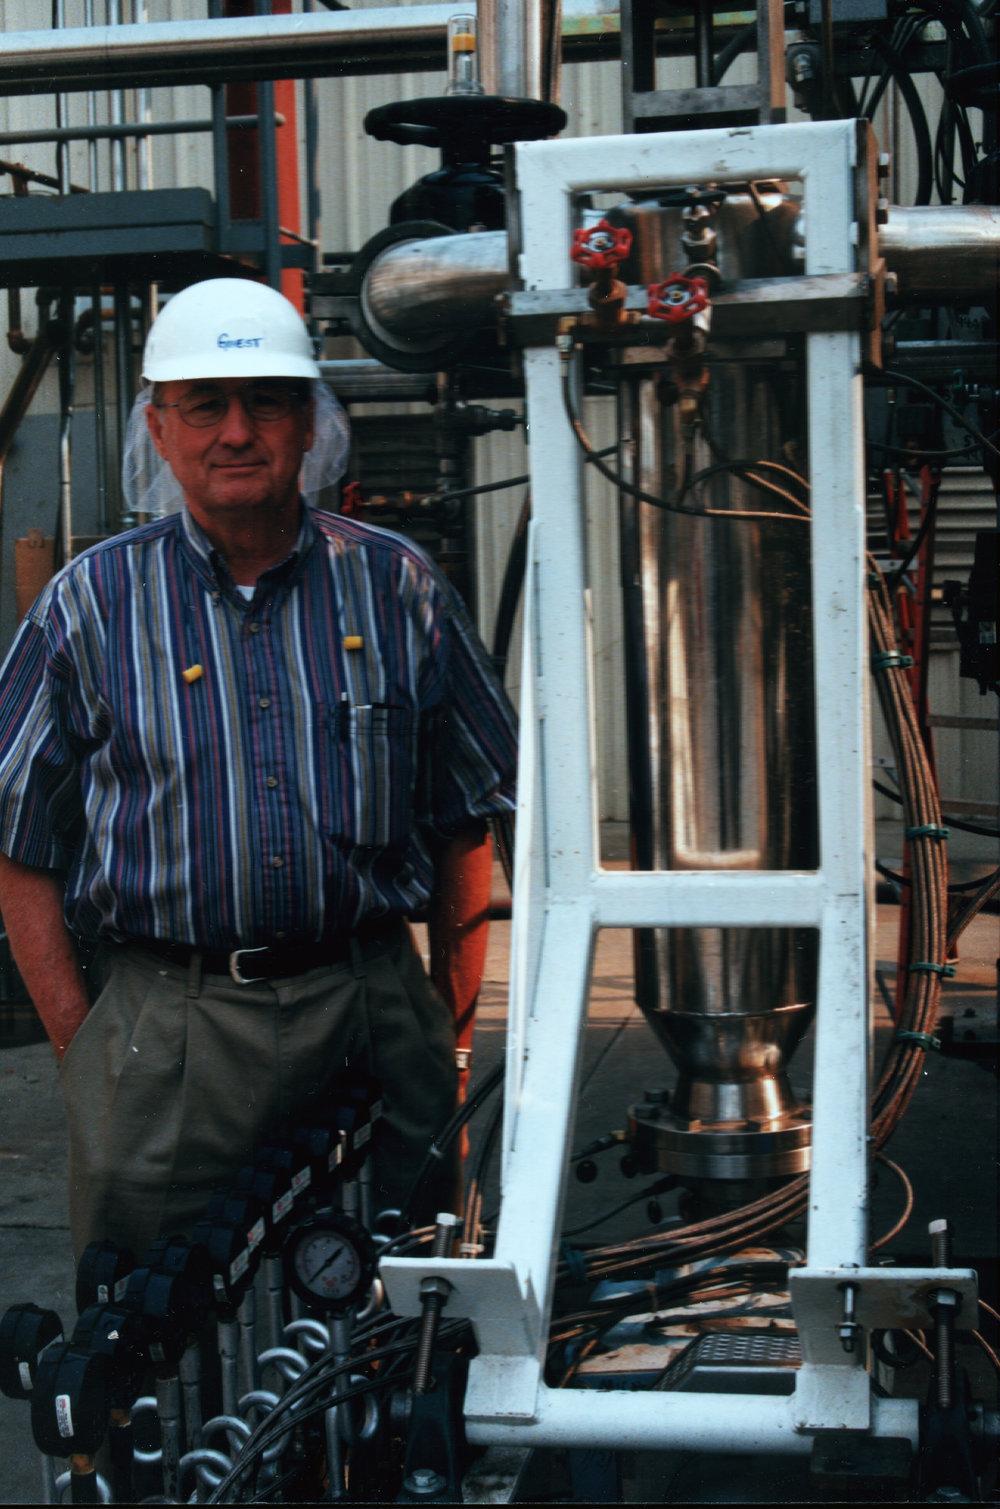 Inventor and Founder, Glenn Spencer